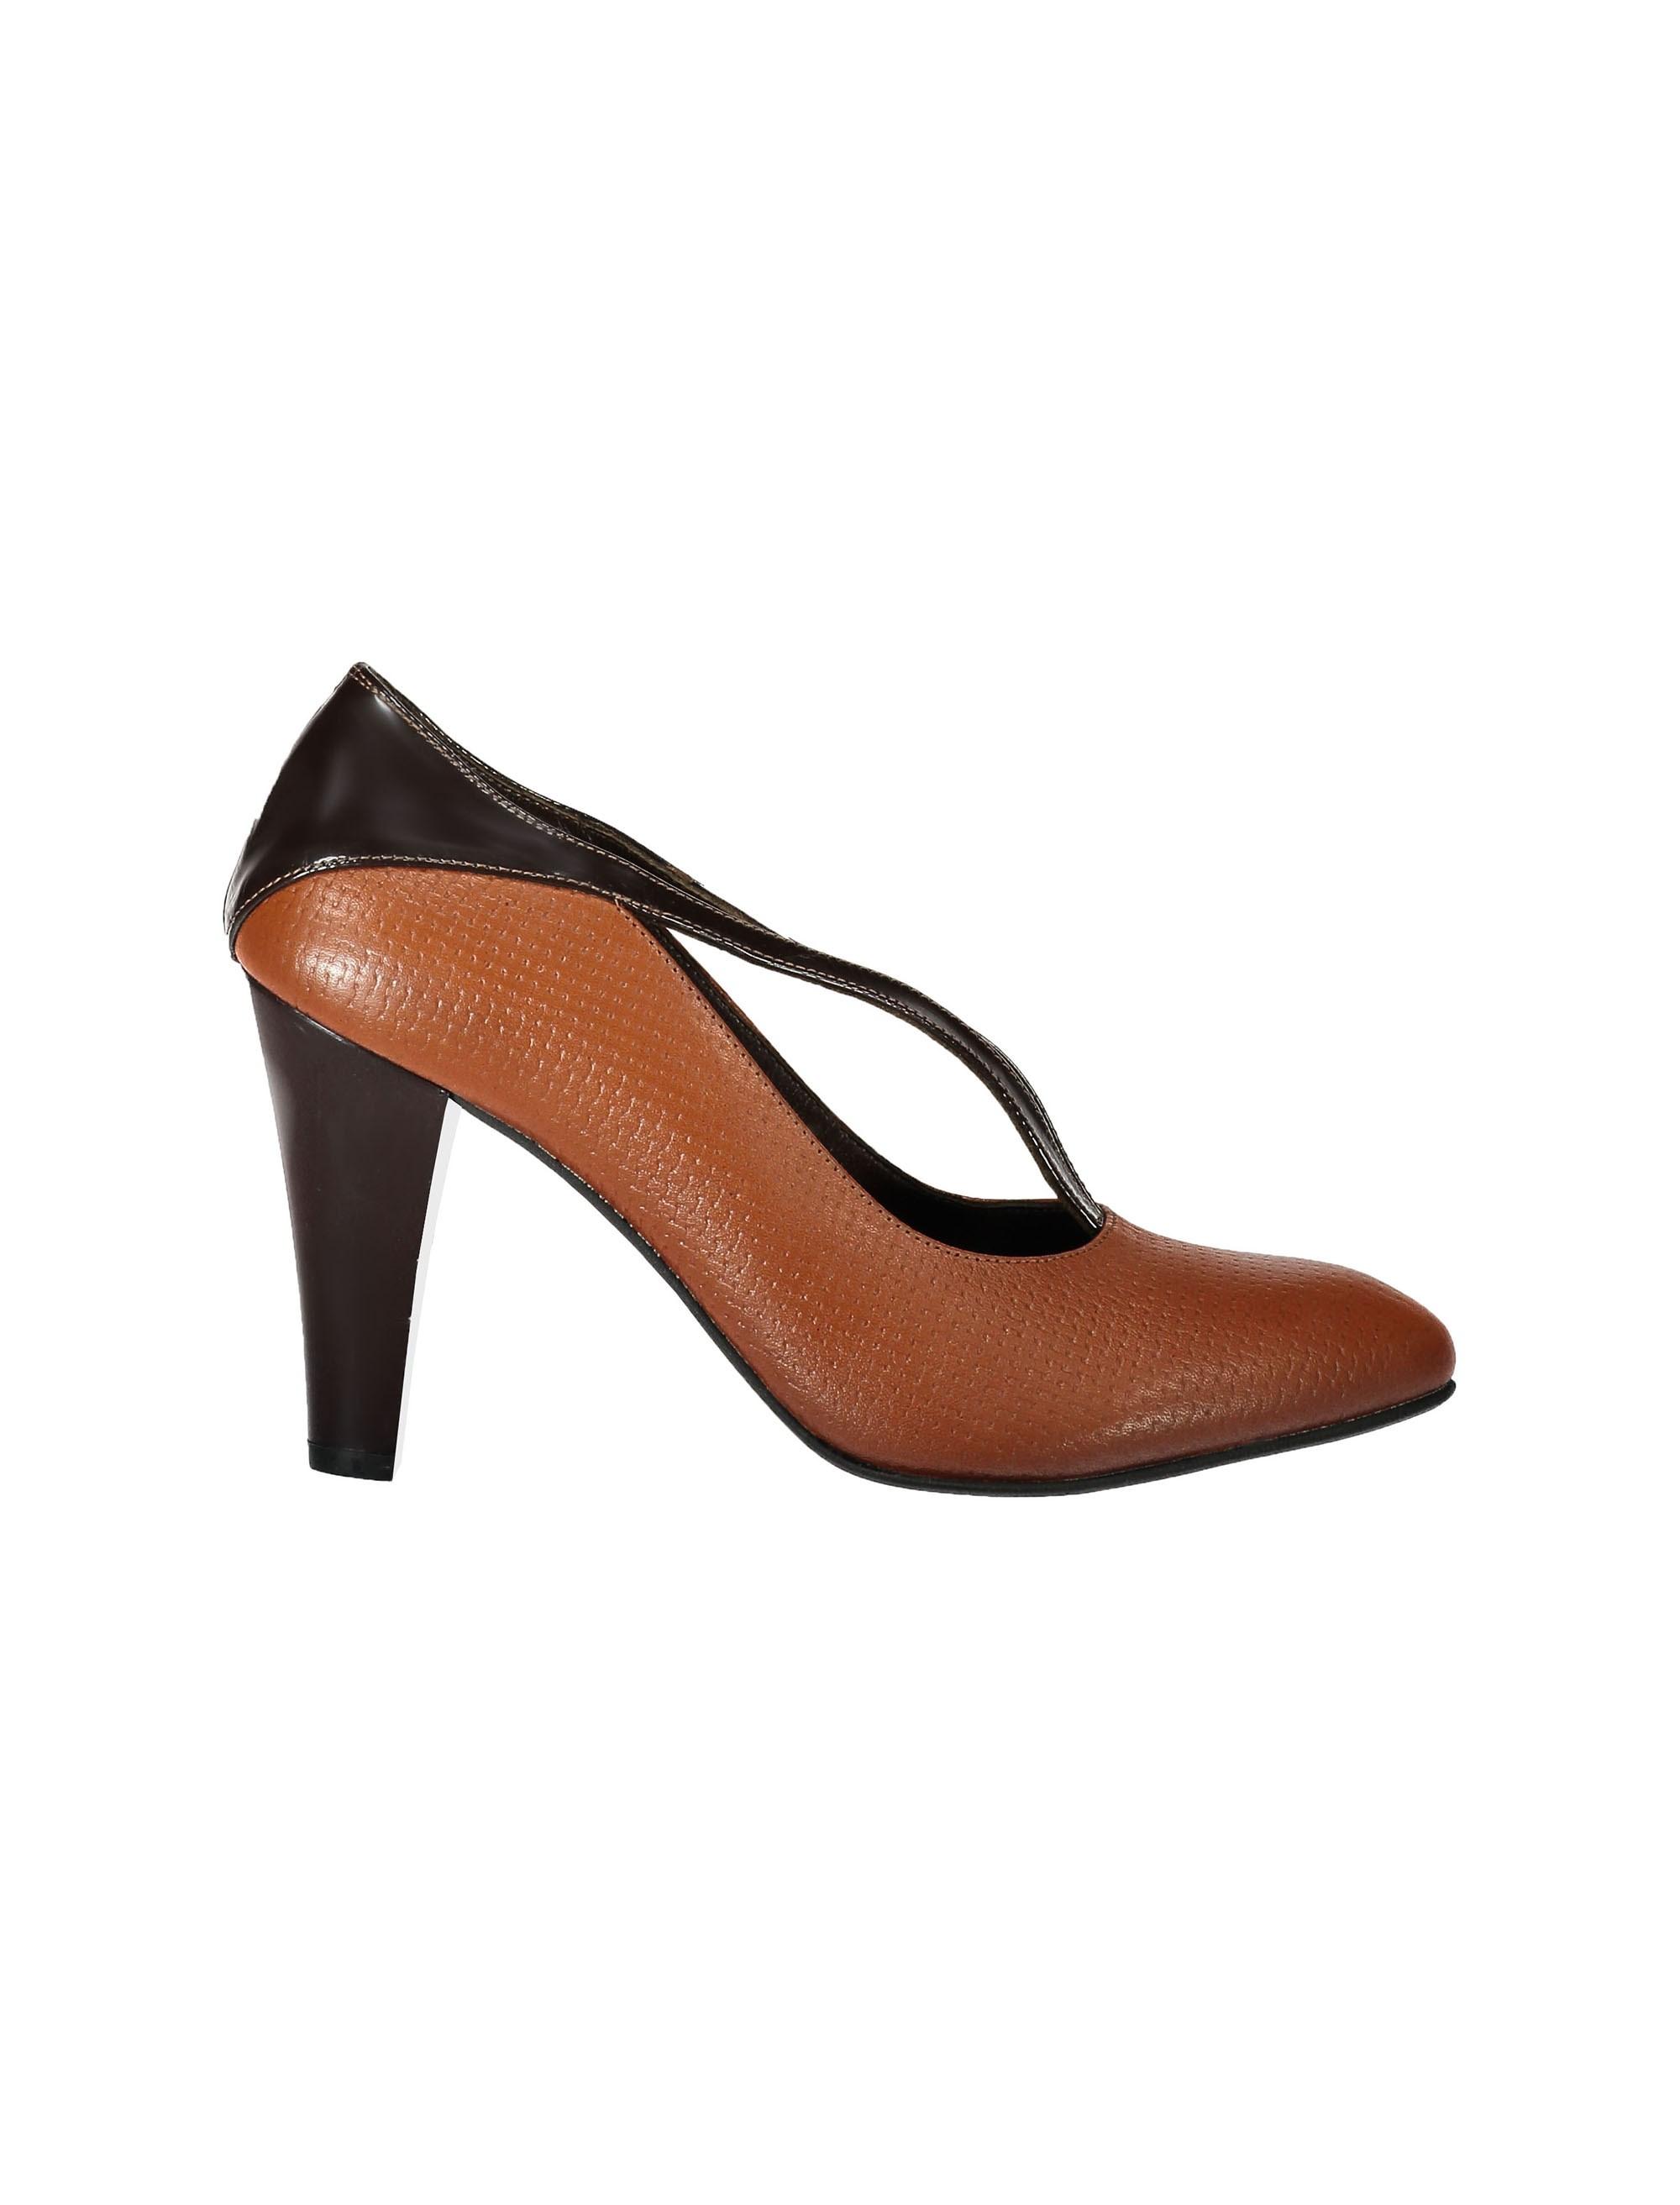 کفش پاشنه بلند چرم زنانه - قهوه اي و عسلي - 6